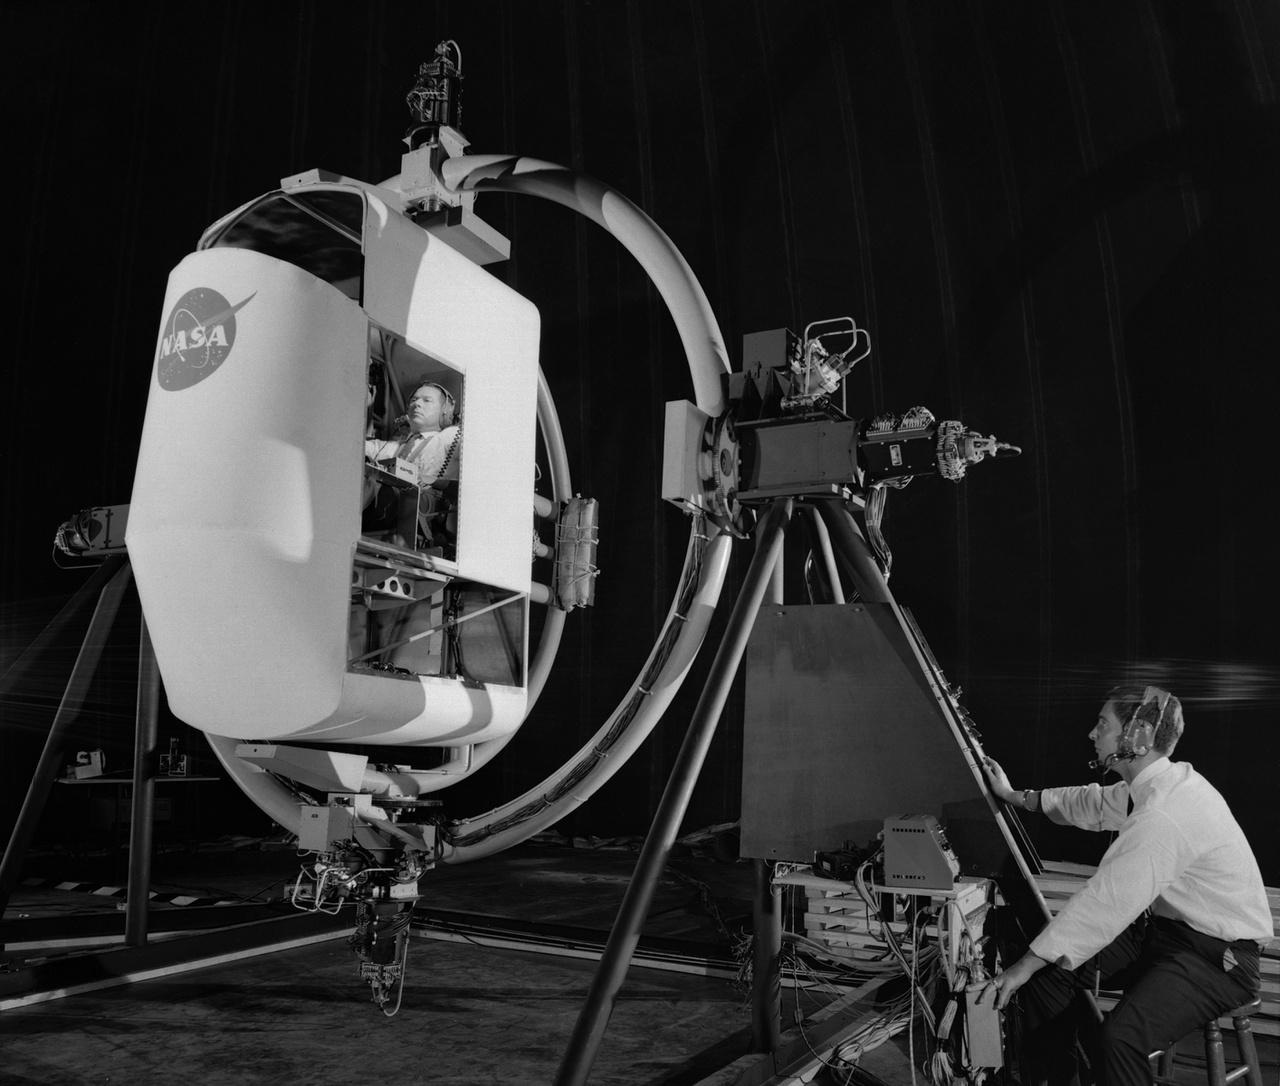 1962: lunáris űrrandevú-szimulátor munka közben. A képből kiderül, hogy a Holdraszálláshoz vezető utat nyakkendős, fehér inges mérnökök kövezték le.